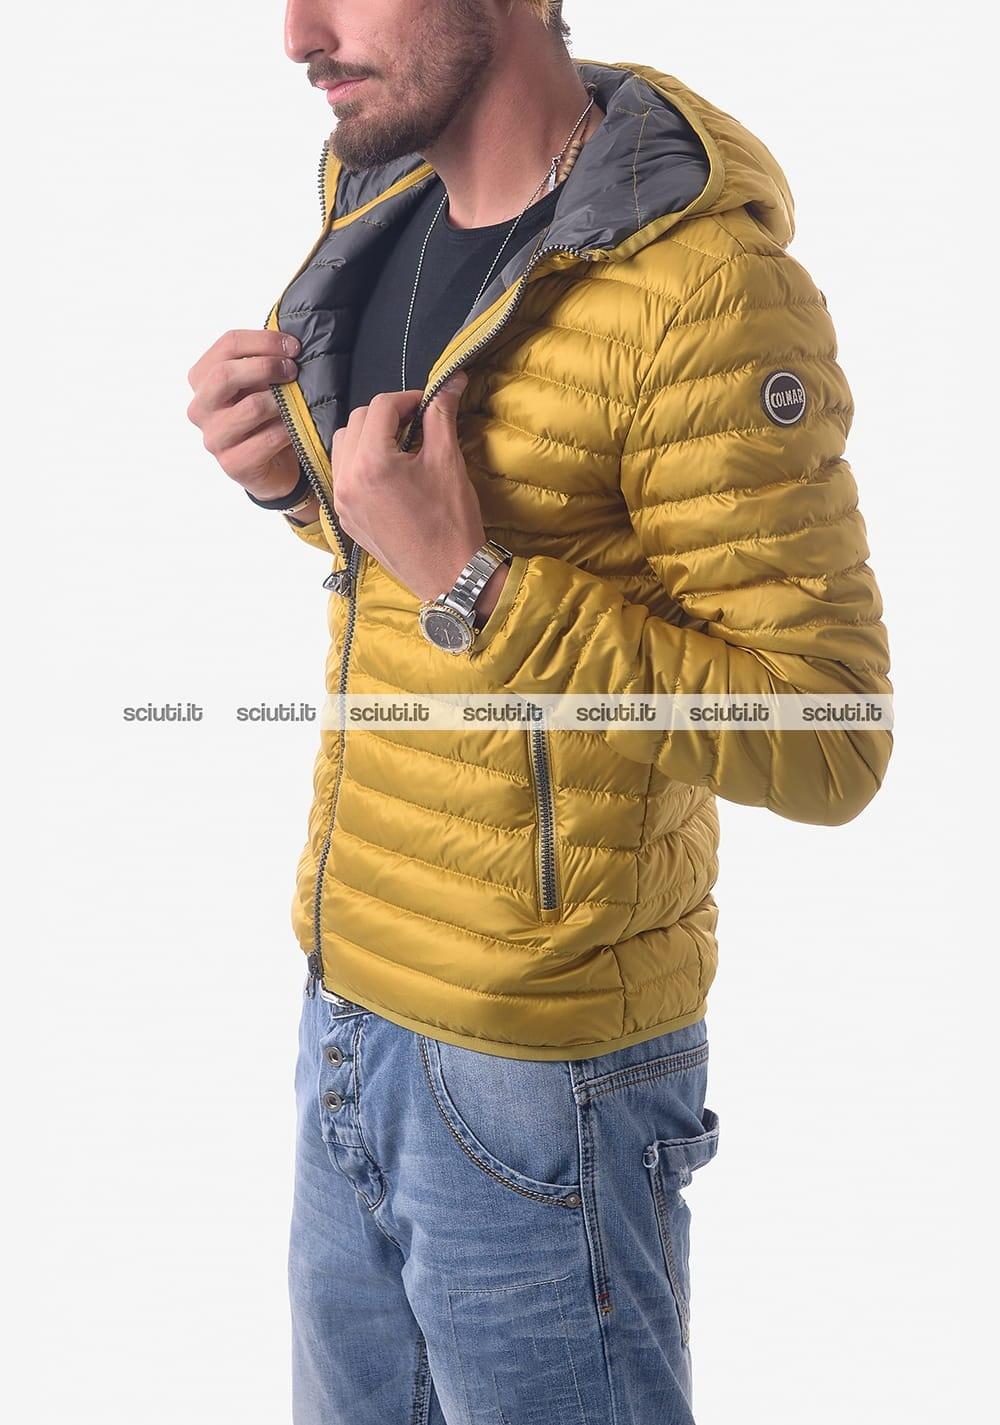 Piumino Uomo COLMAR con cappuccio fisso Colore Giallo.